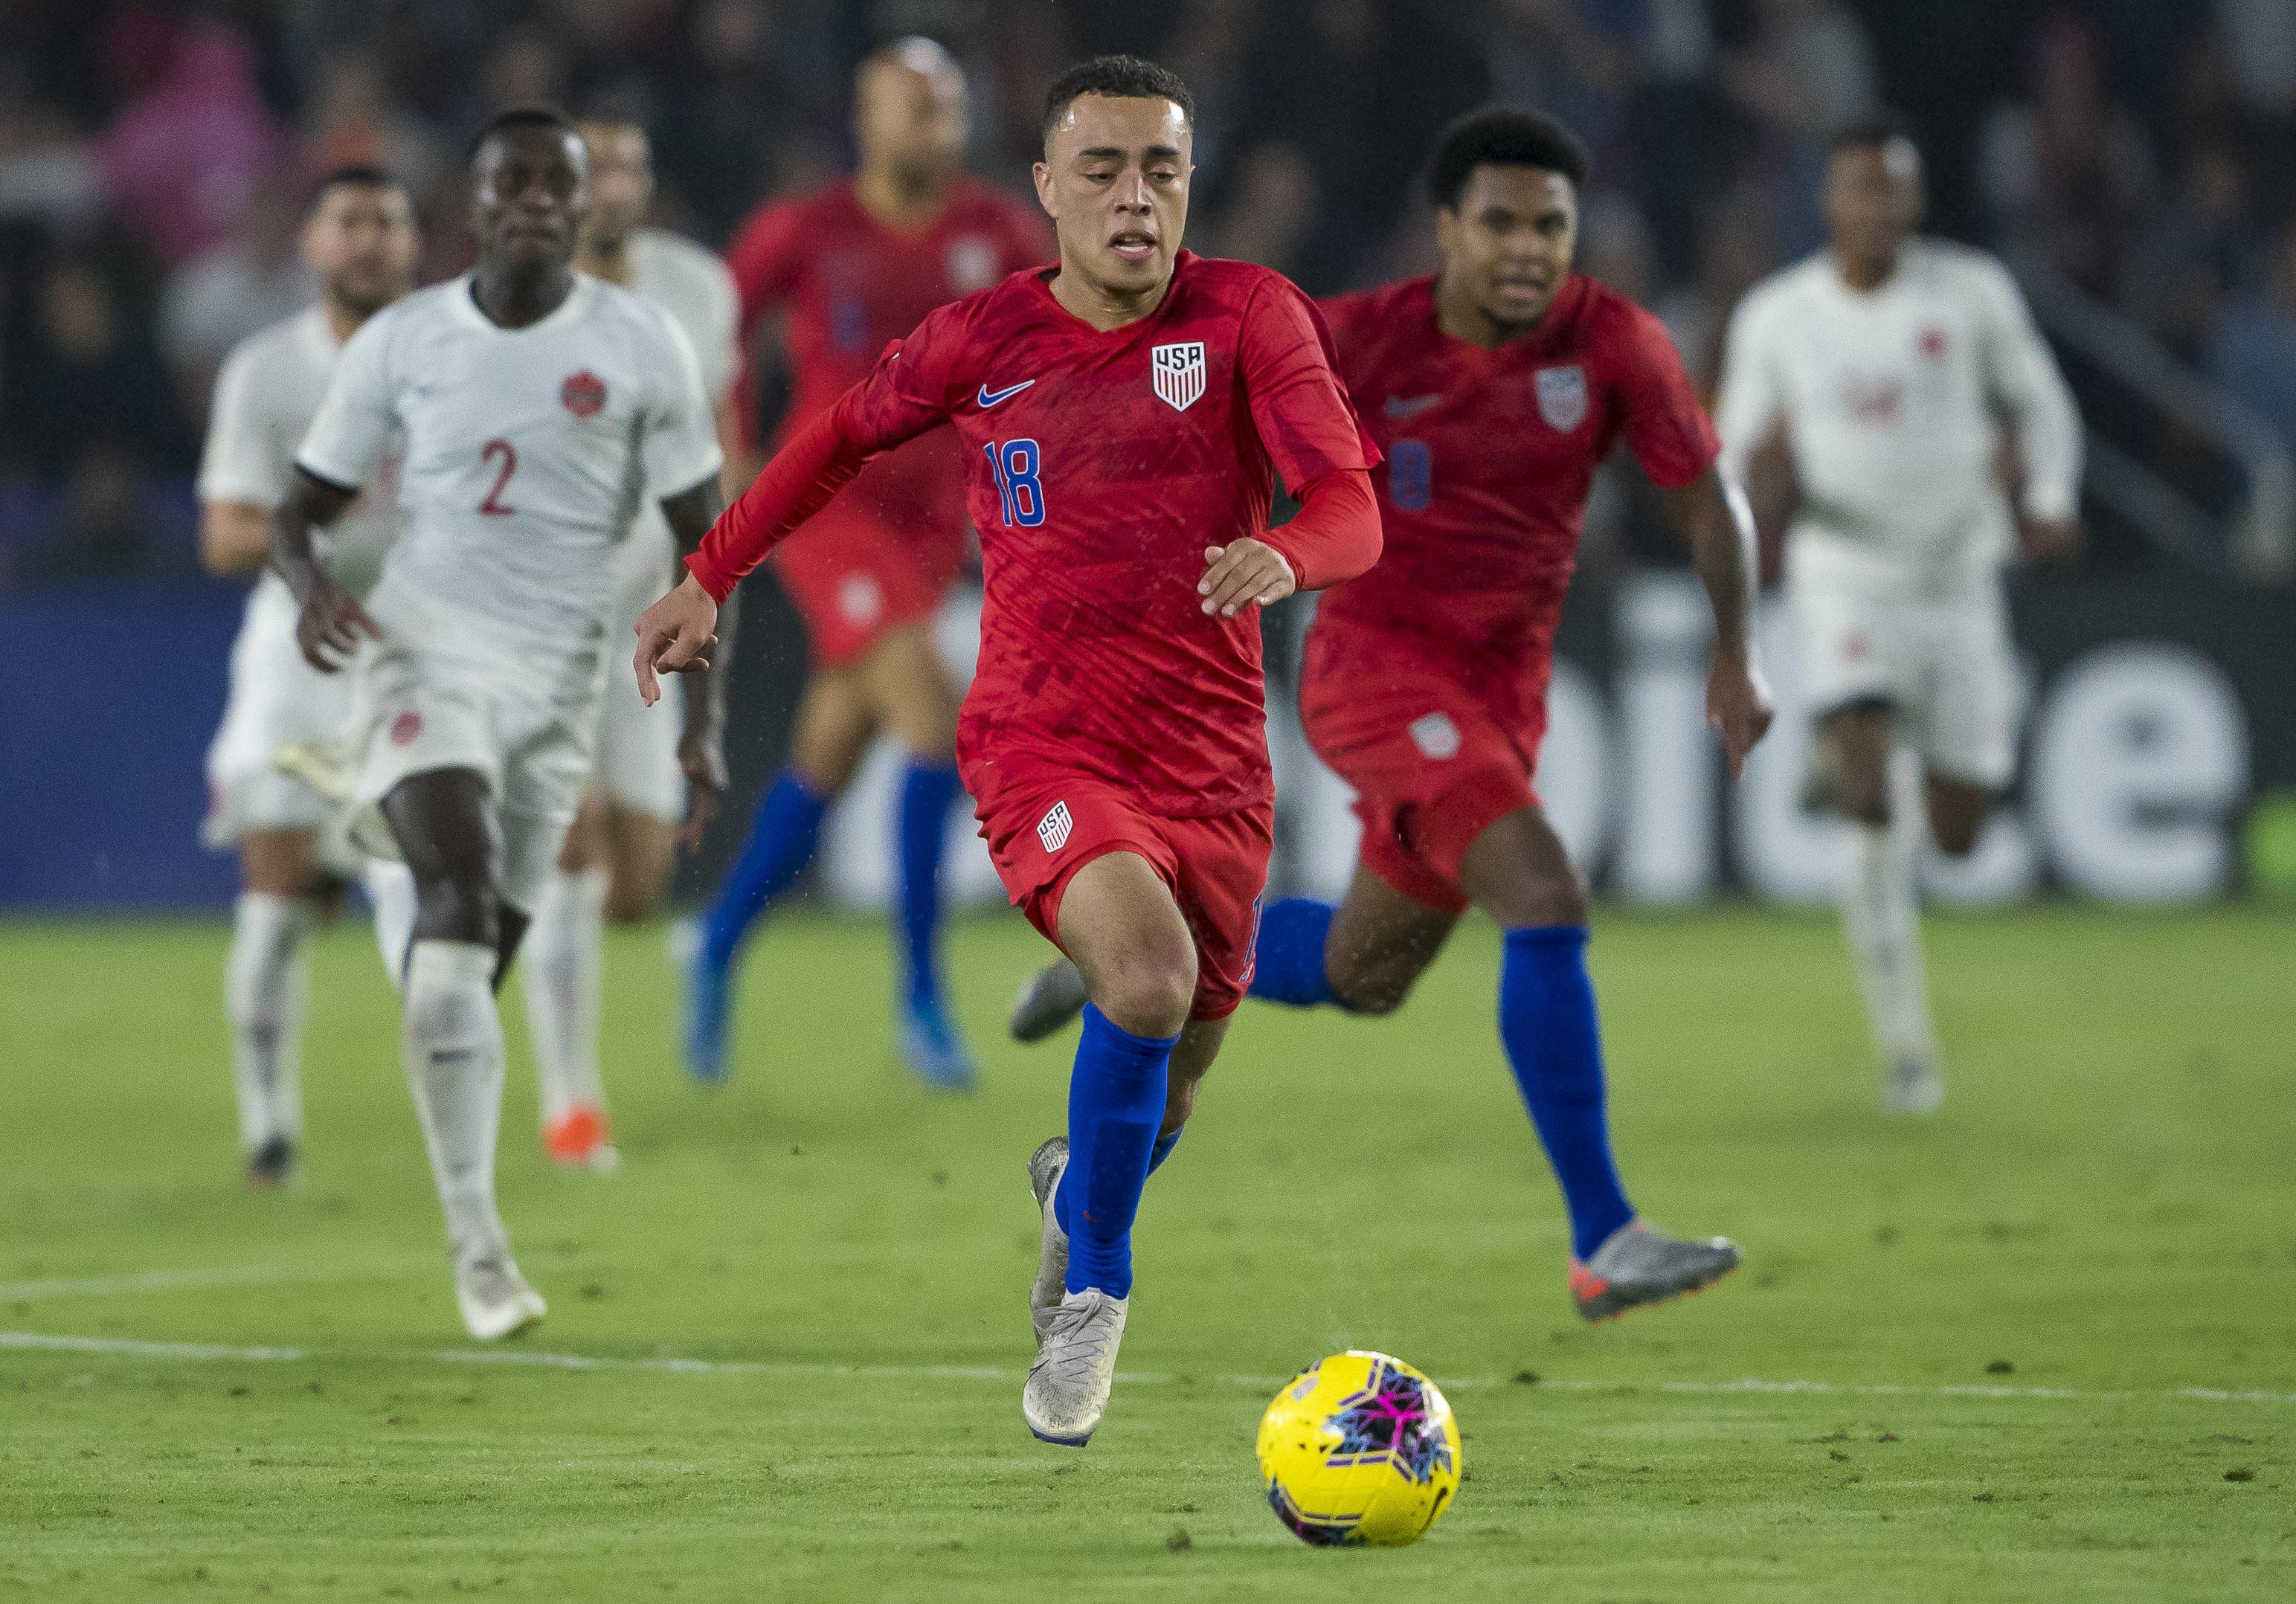 SOCCER: NOV 15 CONCACAF Nations League - USA v Canada